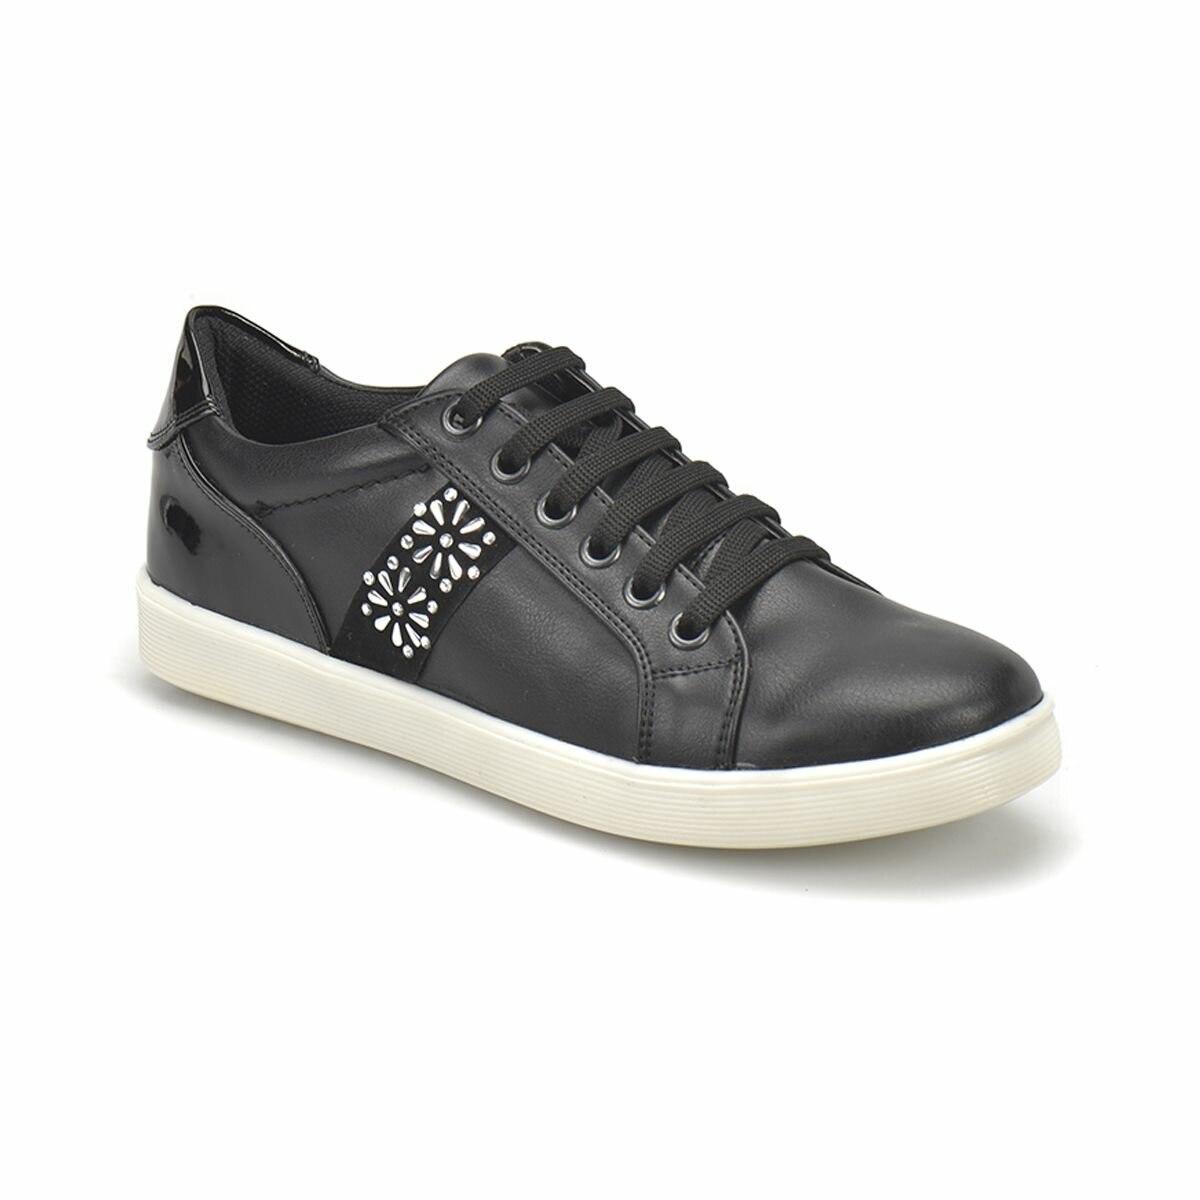 FLO CS18124 Black Women 'S Sneaker Shoes Art Bella